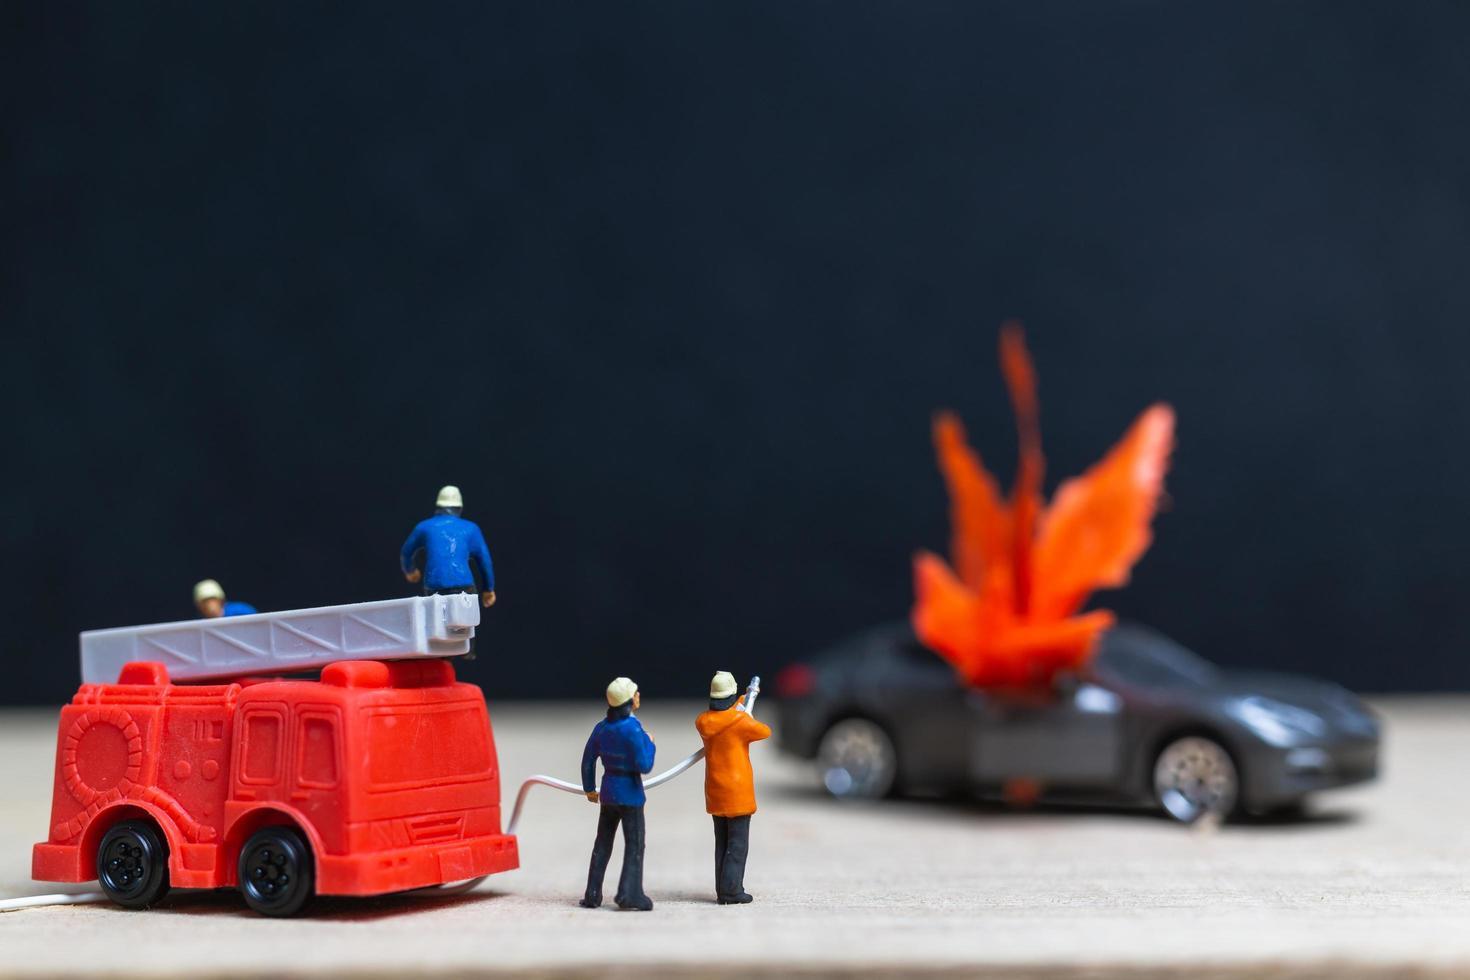 miniatuurbrandweerlieden bij een auto-ongeluk, auto-ongelukconcept foto